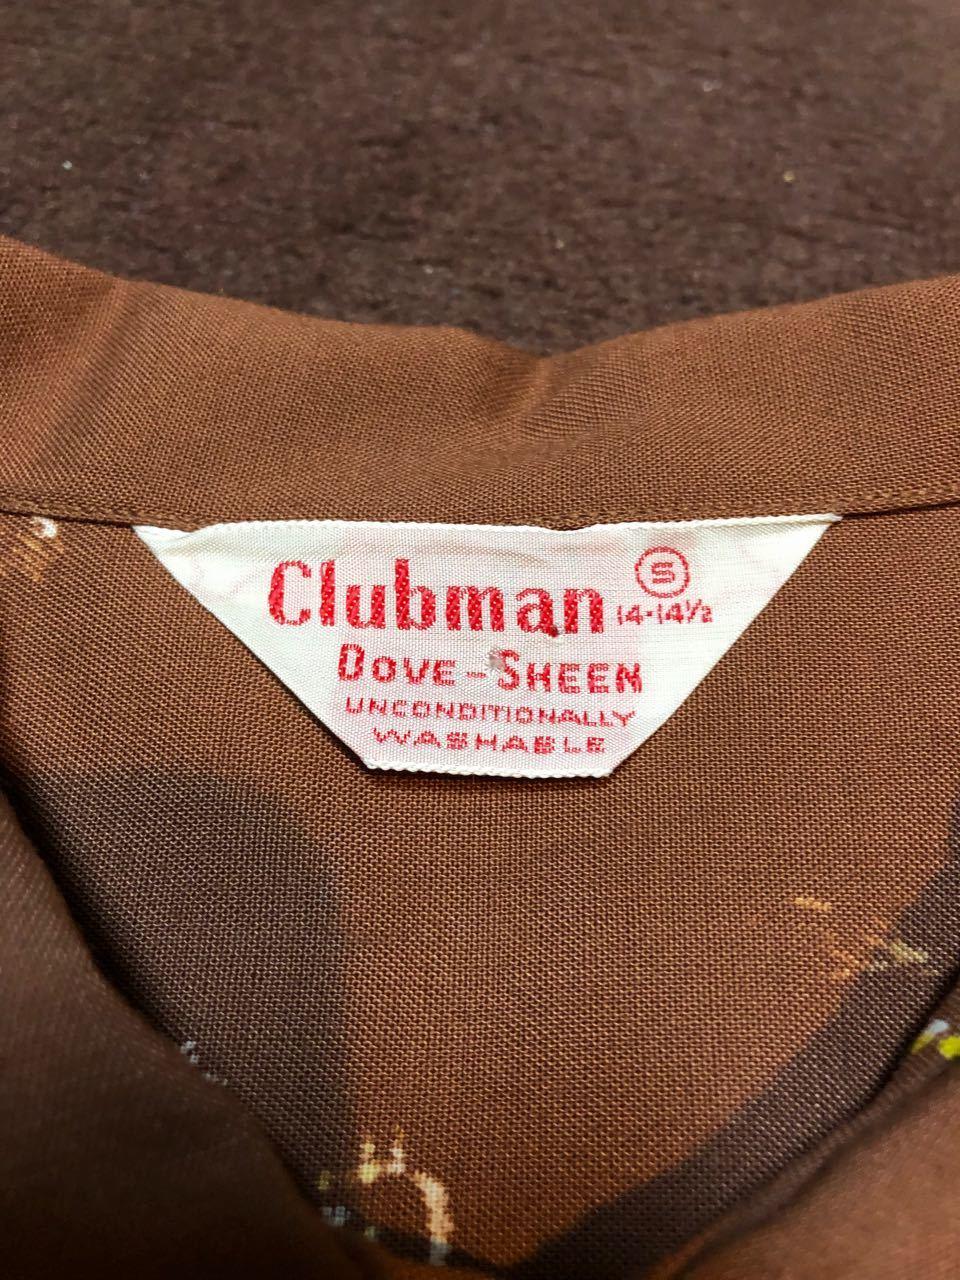 1/2新春入荷! 50s Clubman Dove- sheen ワンウォッシュ ビンテージ レーヨンシャツ!_c0144020_16083869.jpg